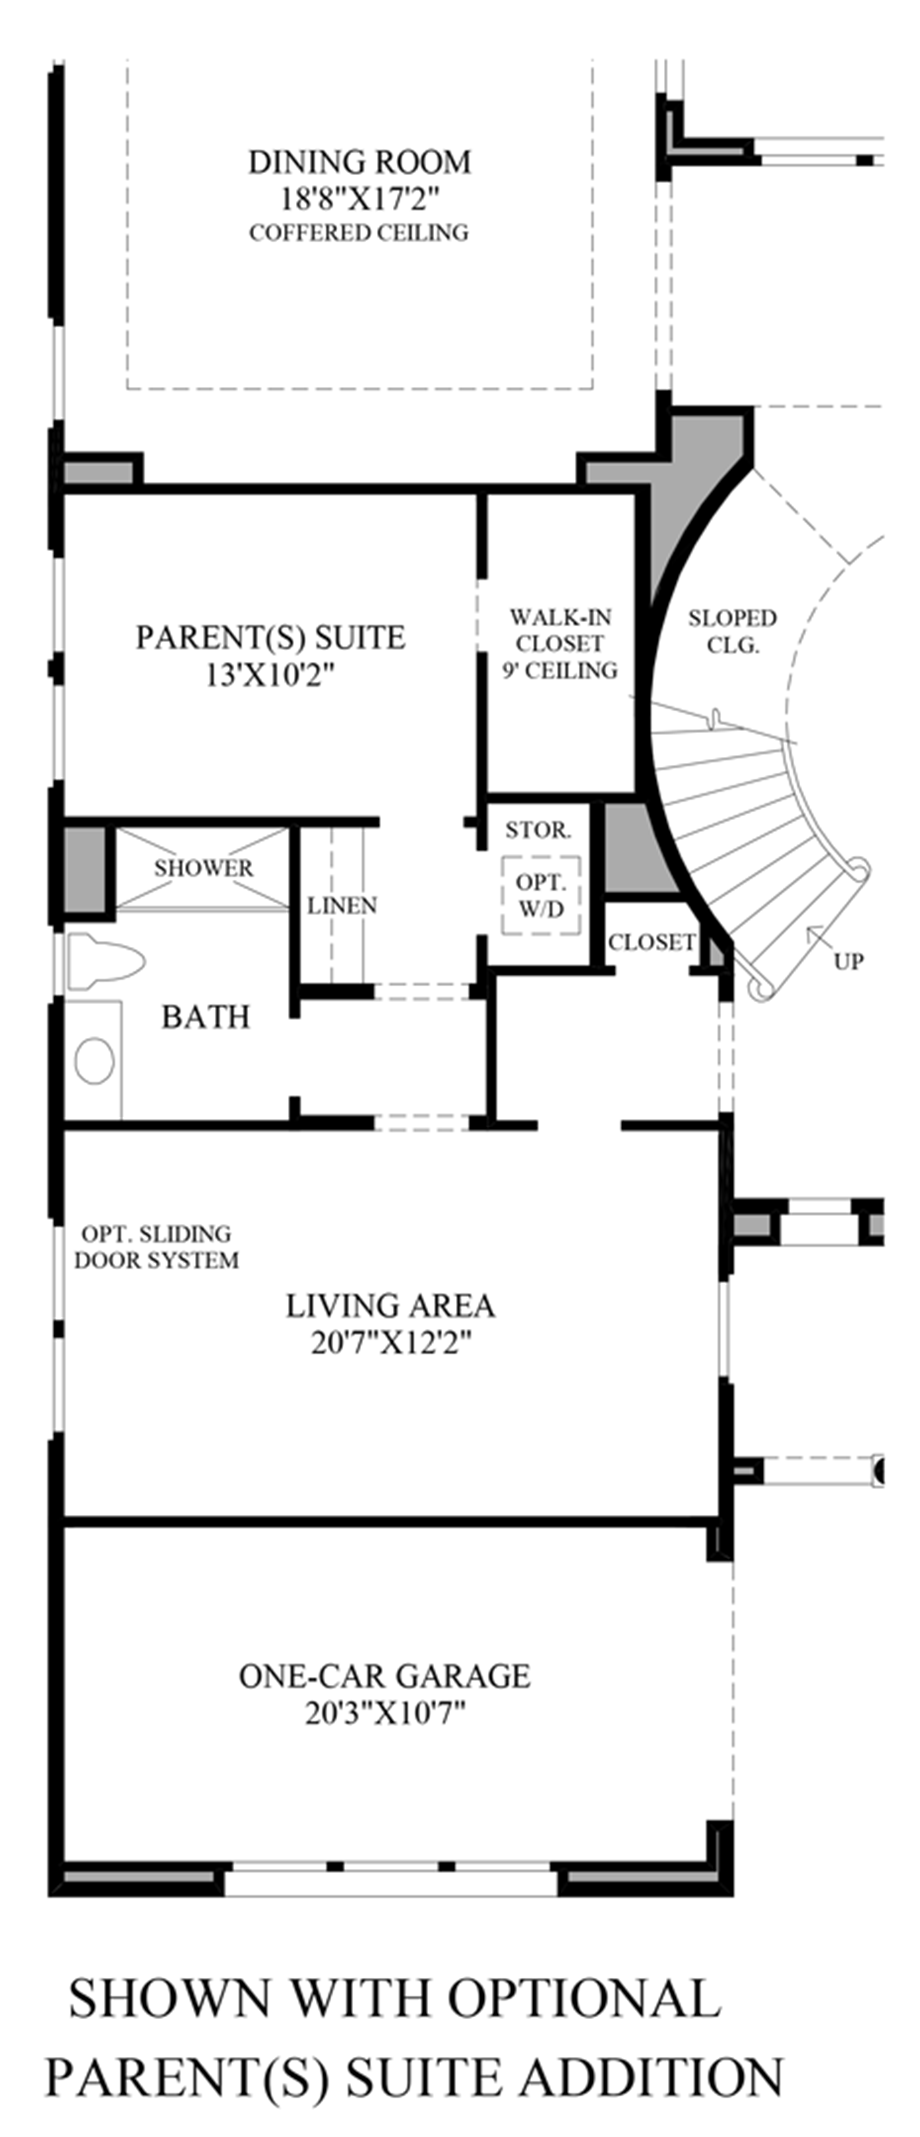 Optional Parents Suite Addition Floor Plan